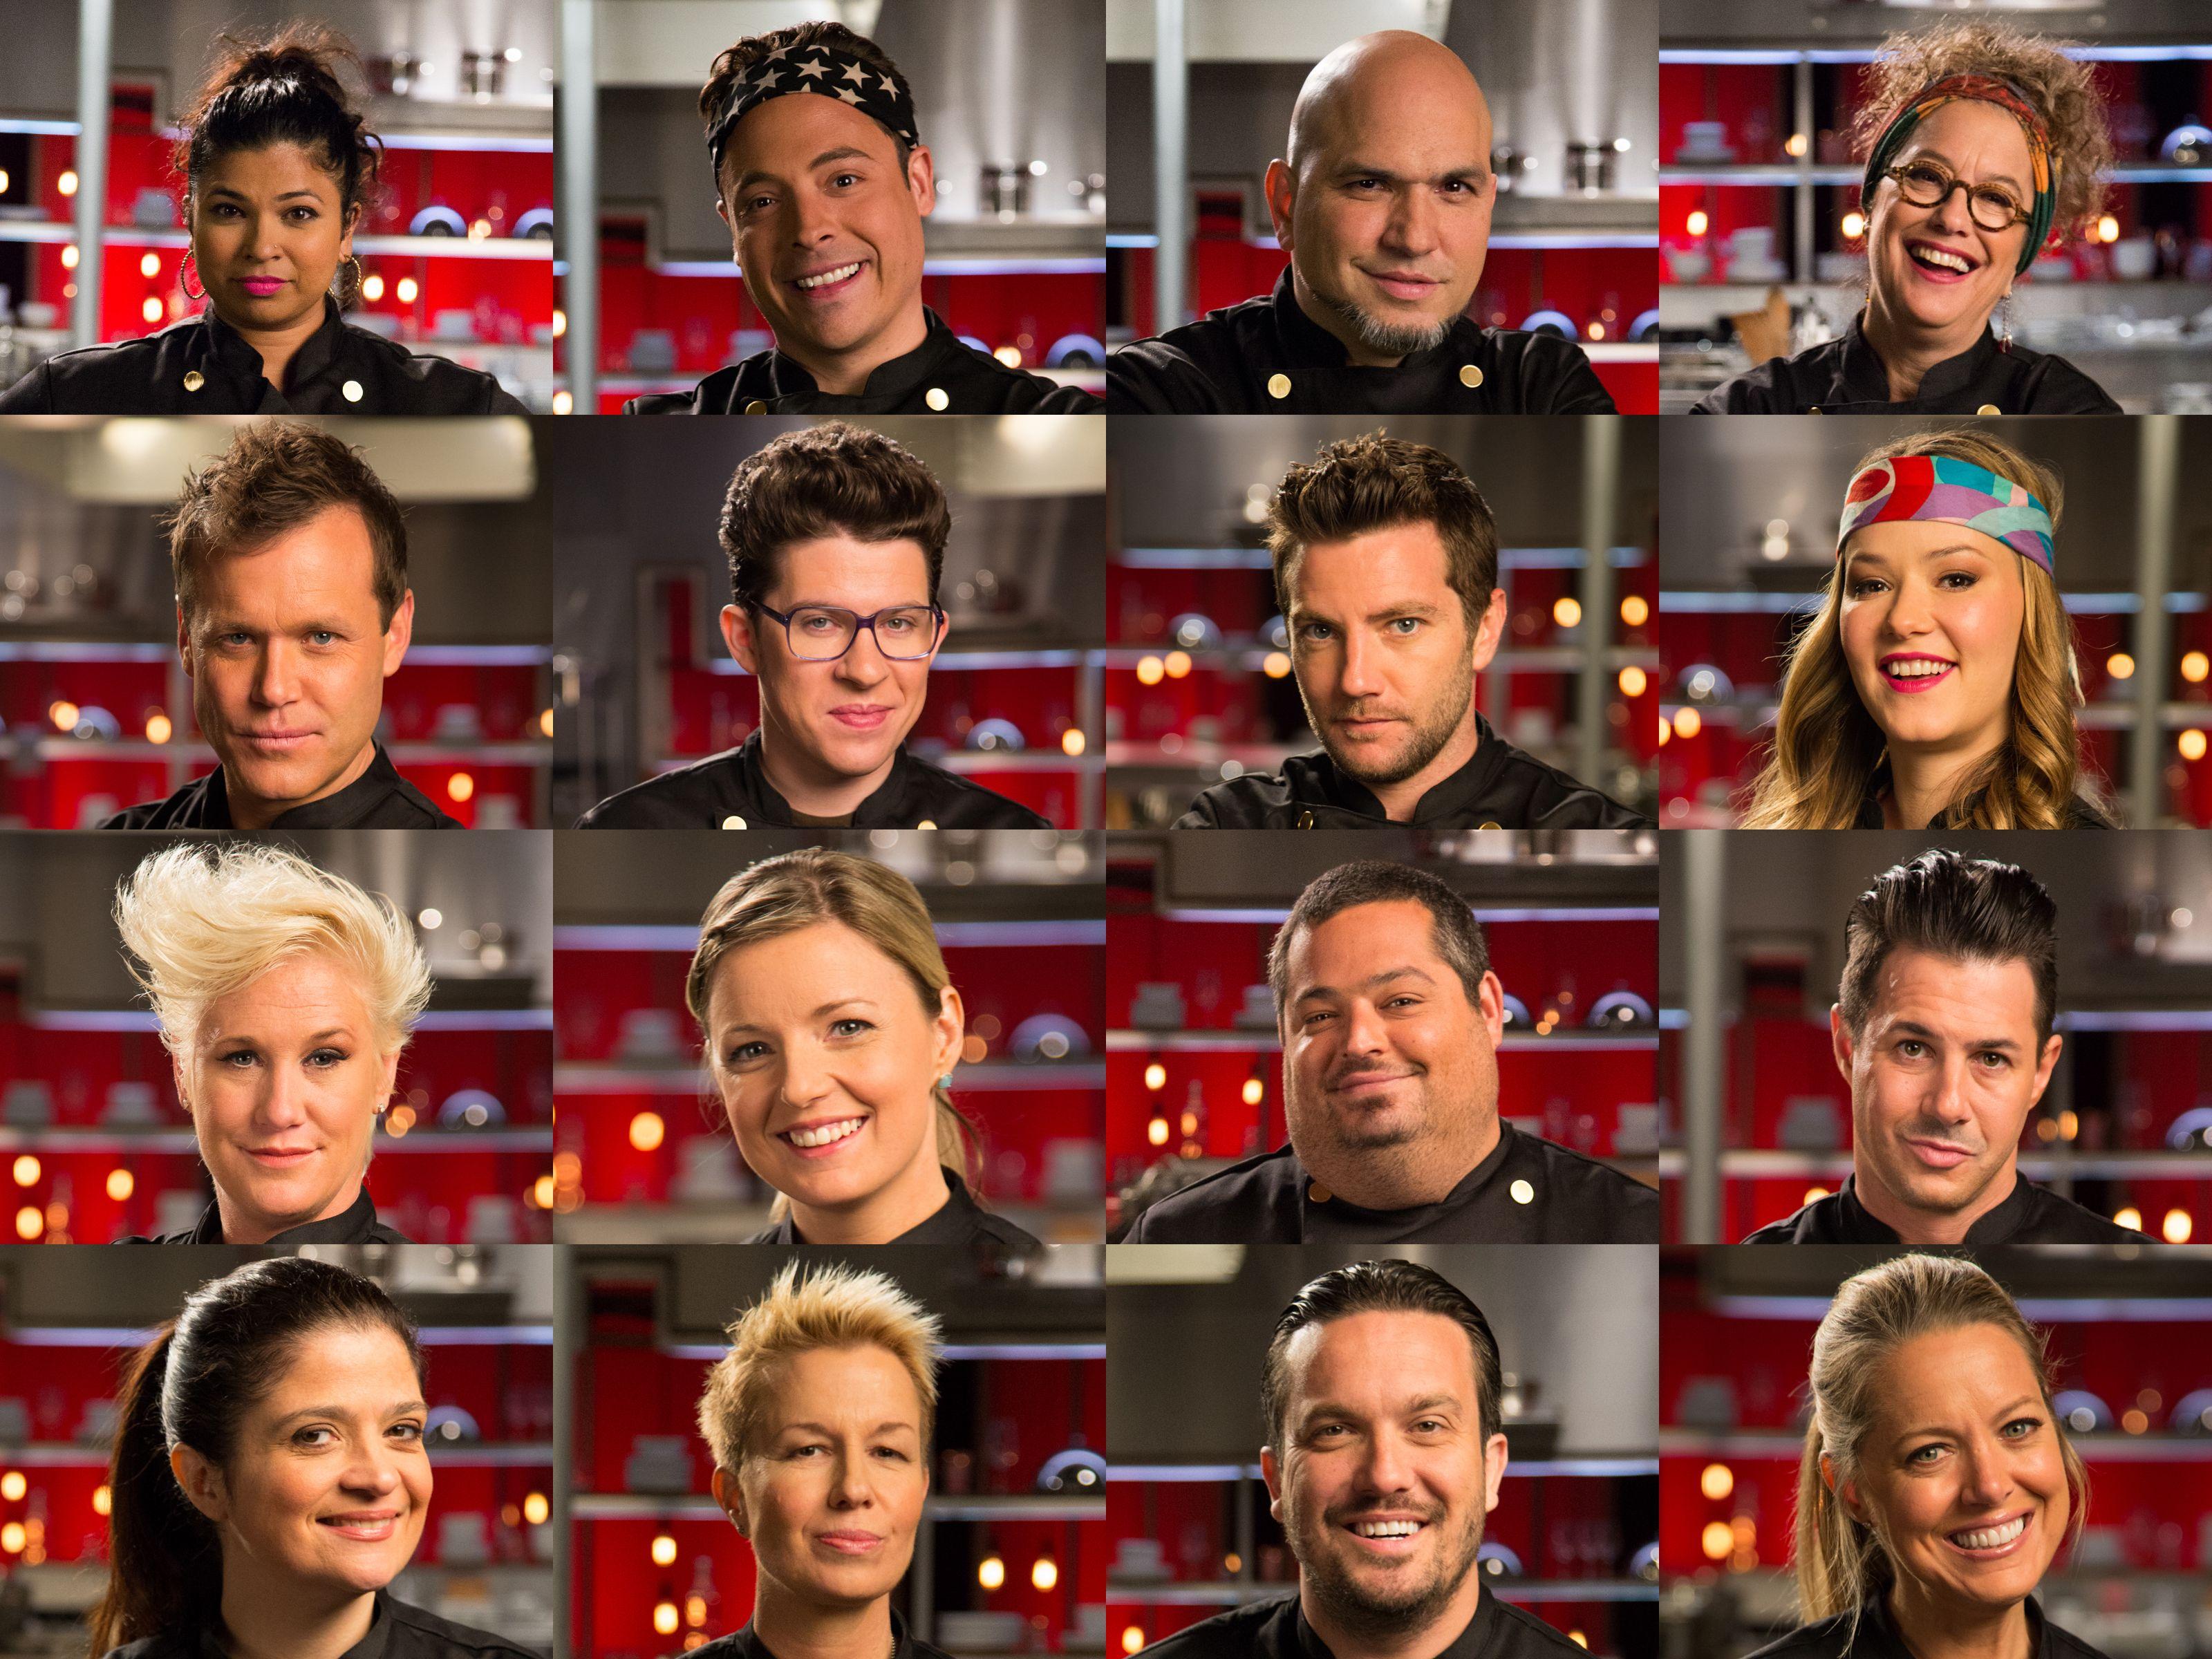 Meet The All Star Chefs On Cutthroat Kitchen Superstar Sabotage Foodnetwork Com Cutthroat Kitchen Star Chef Chef